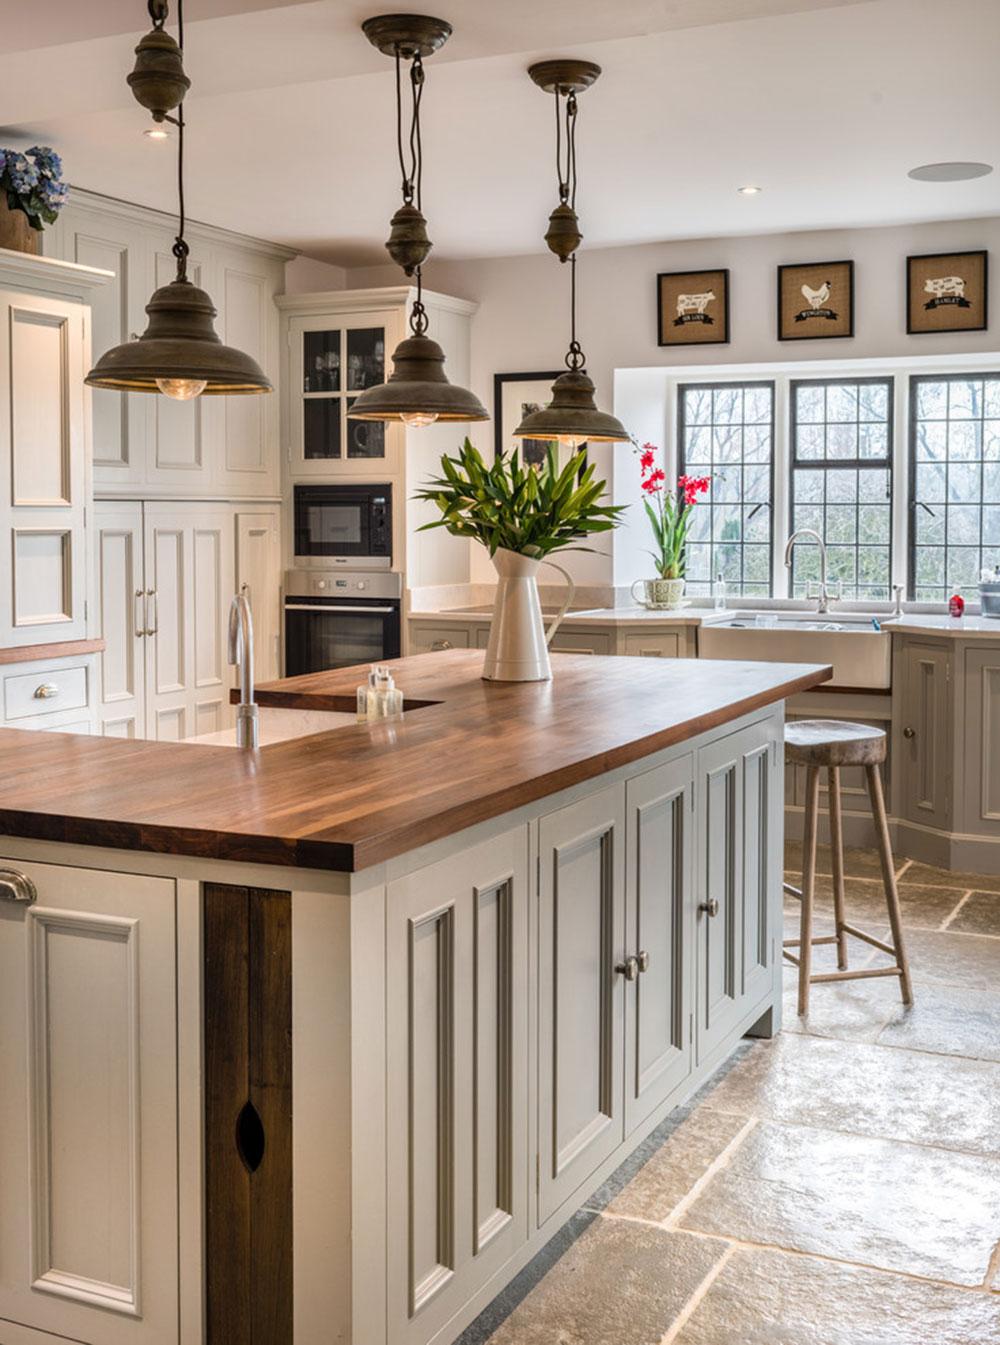 Att välja bra köksmöbler kan vara en utmaning1-1 Att välja bra köksmöbler kan vara en utmaning